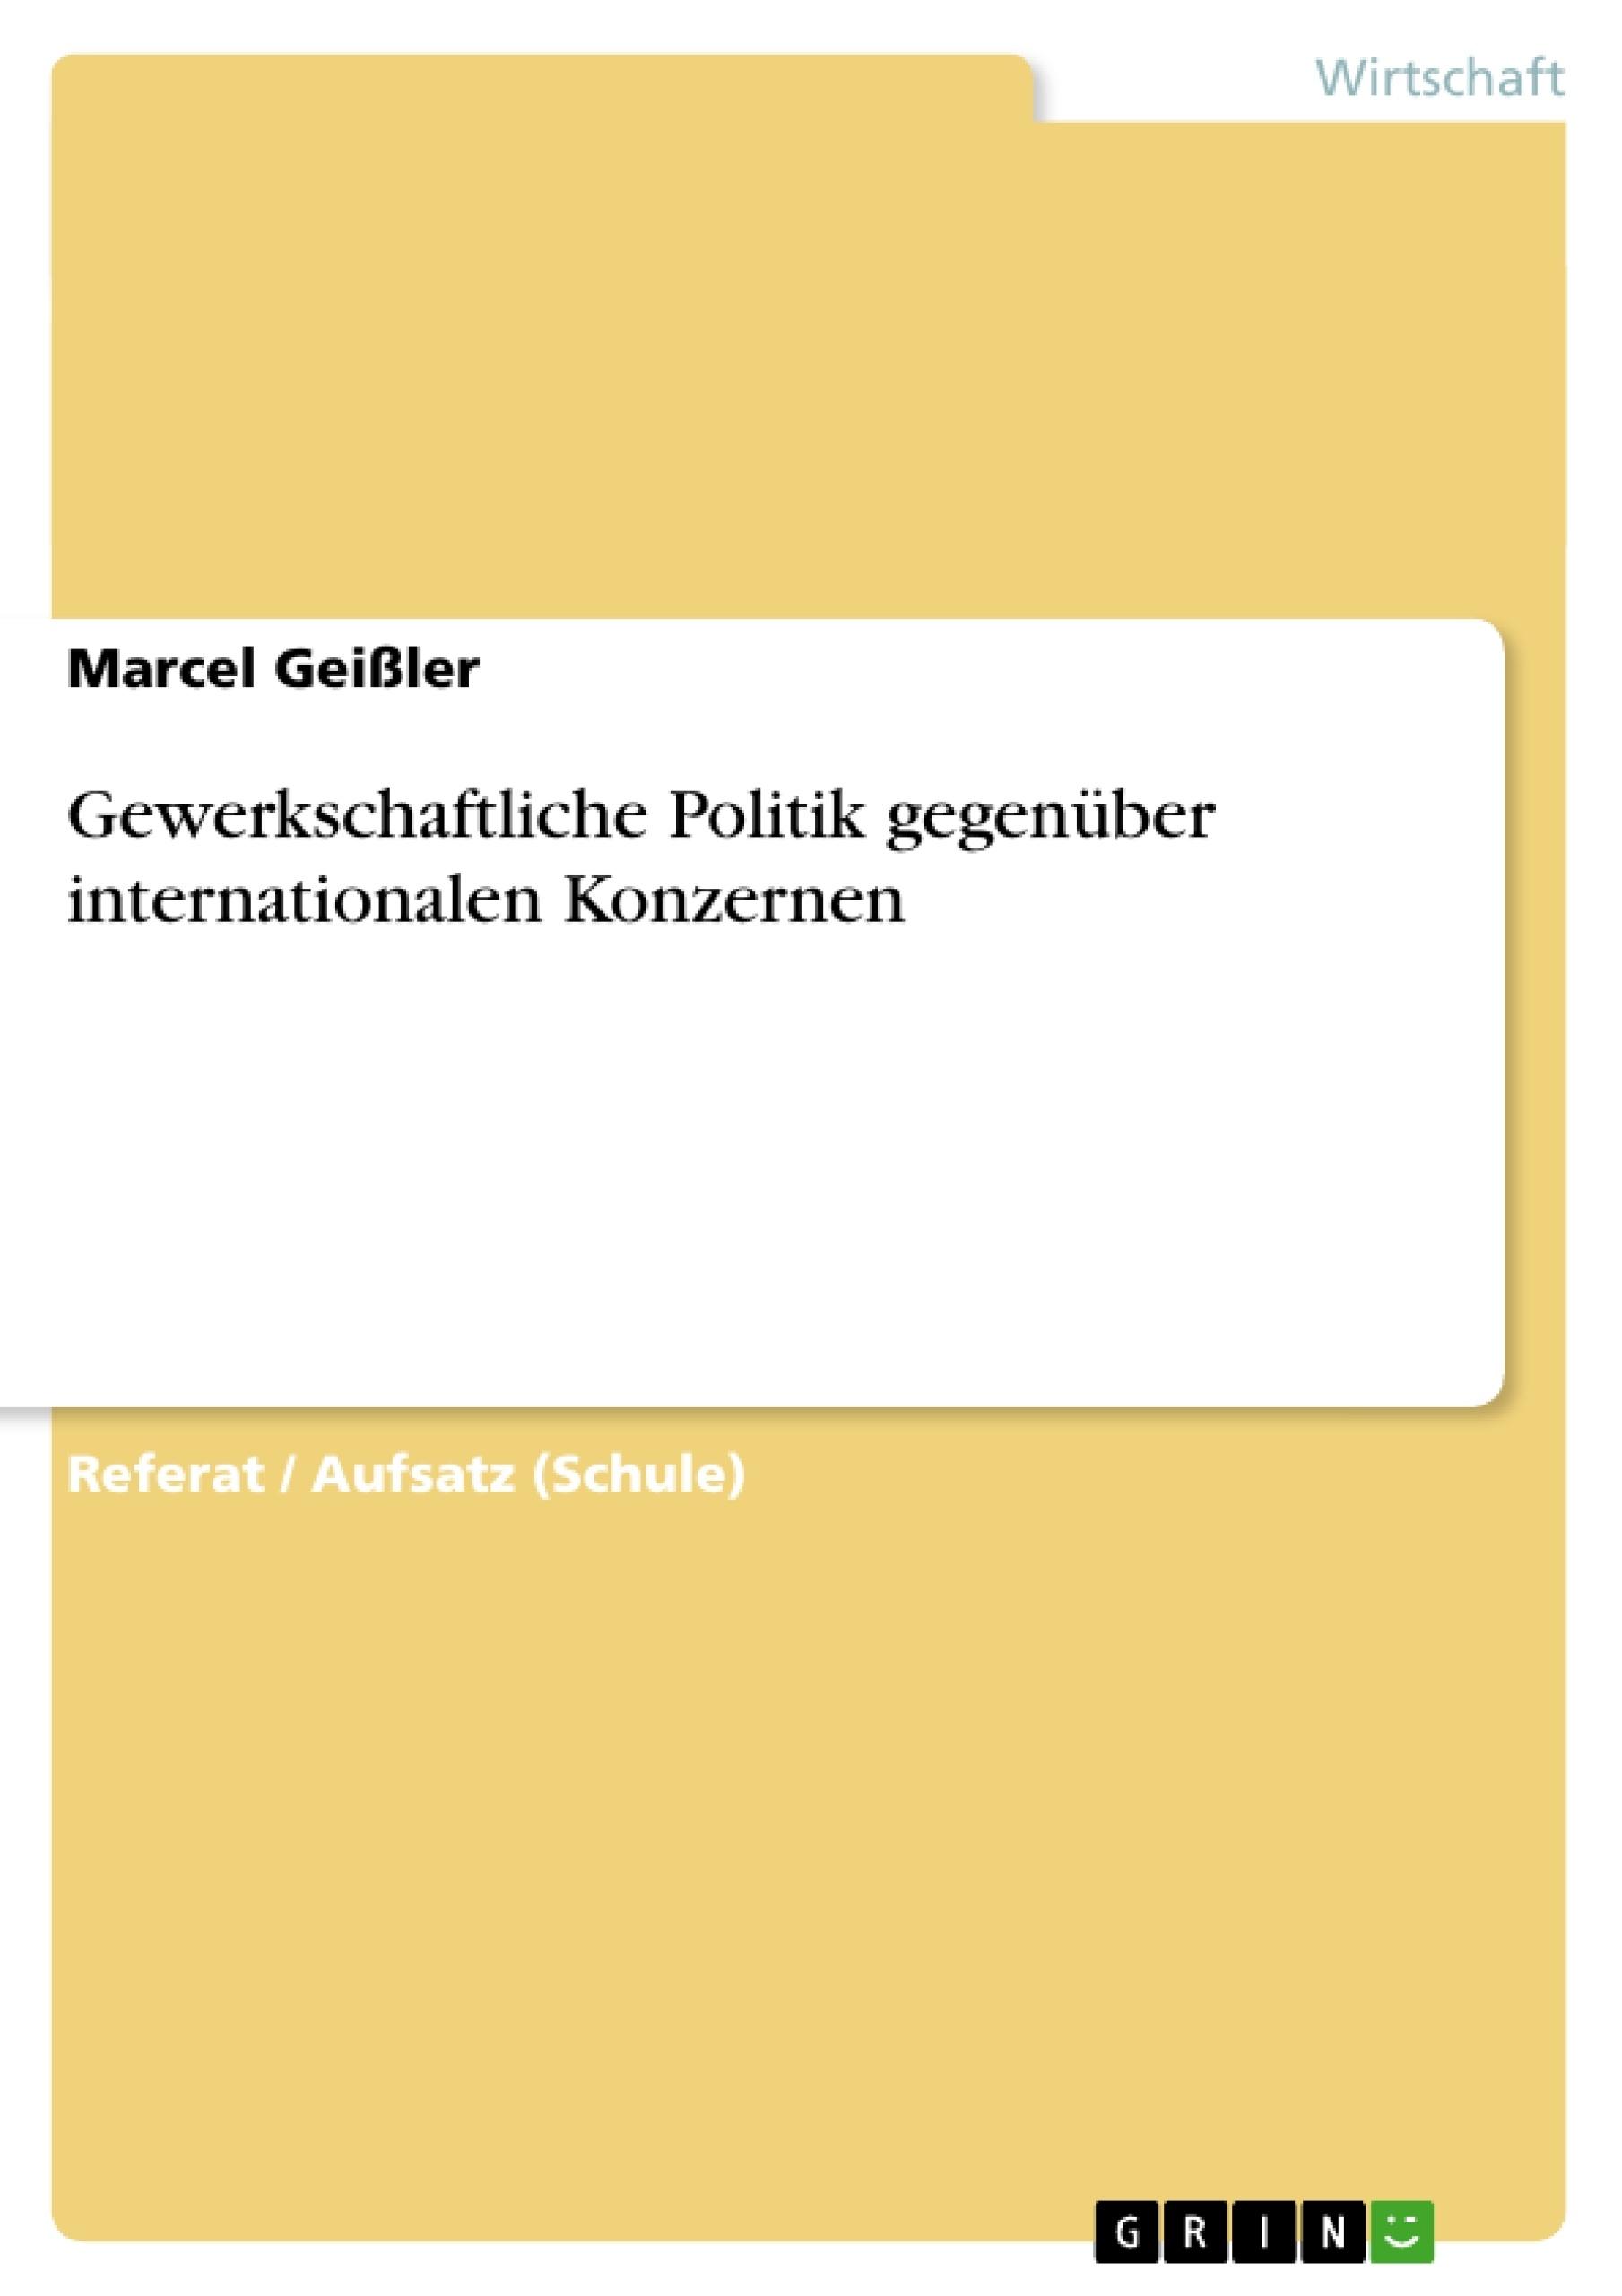 Titel: Gewerkschaftliche Politik gegenüber internationalen Konzernen